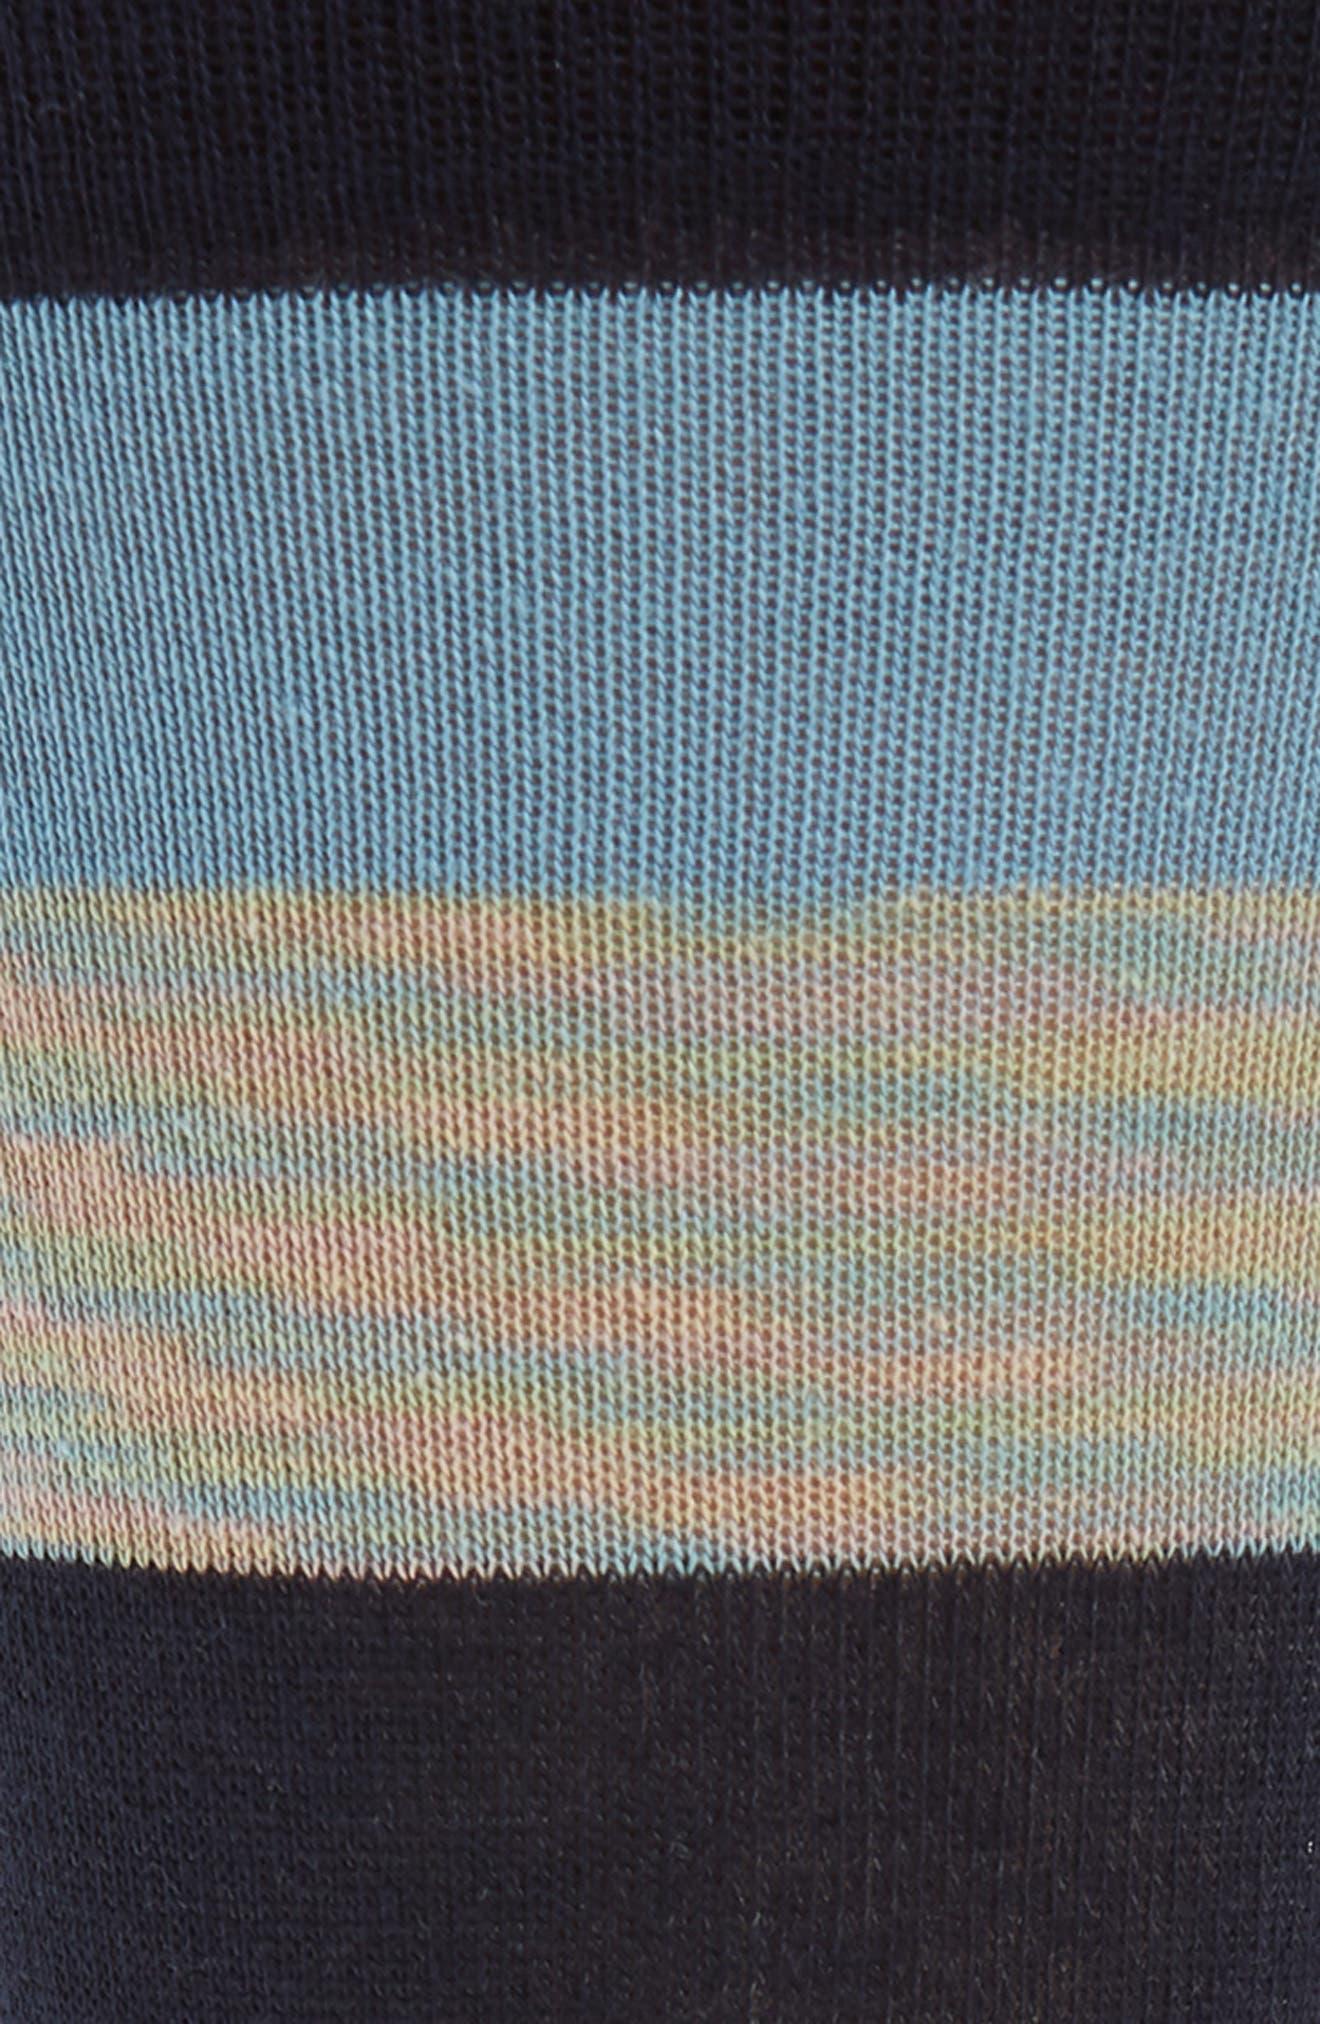 Rugby Stripe Socks,                             Alternate thumbnail 2, color,                             Light Blue